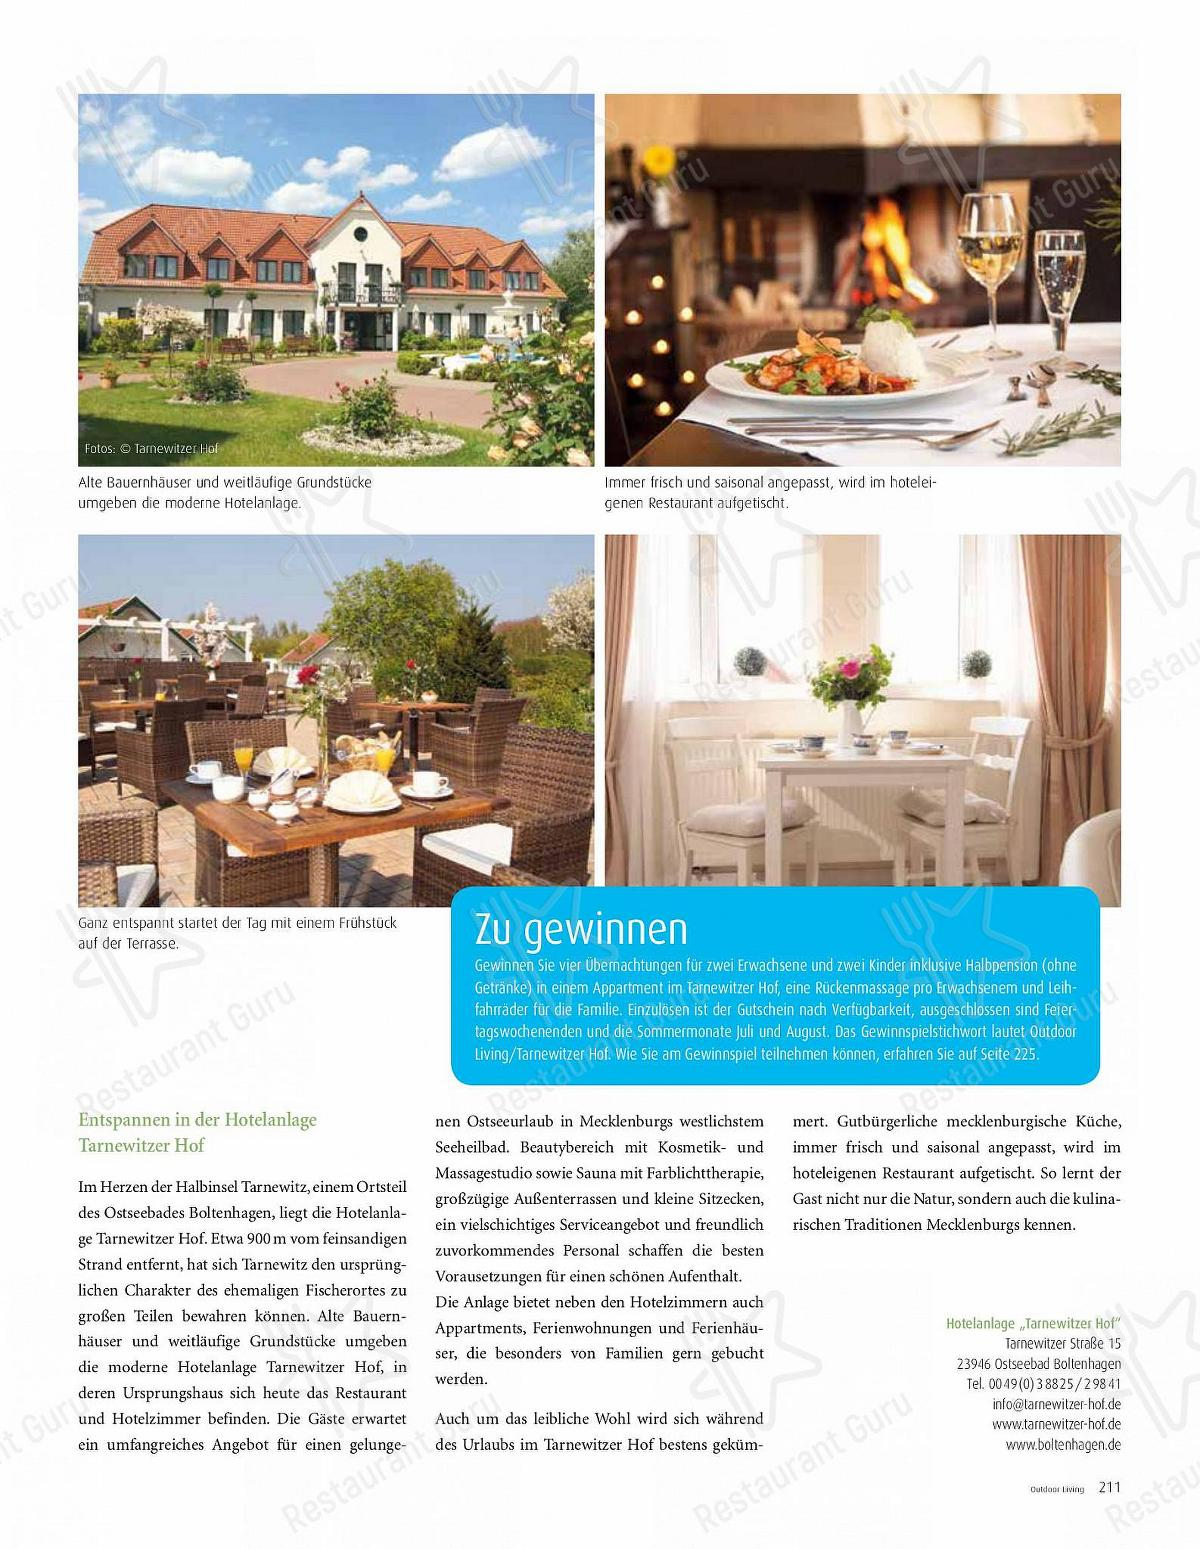 Découvrez le menu pour Tarnewitzer Hof